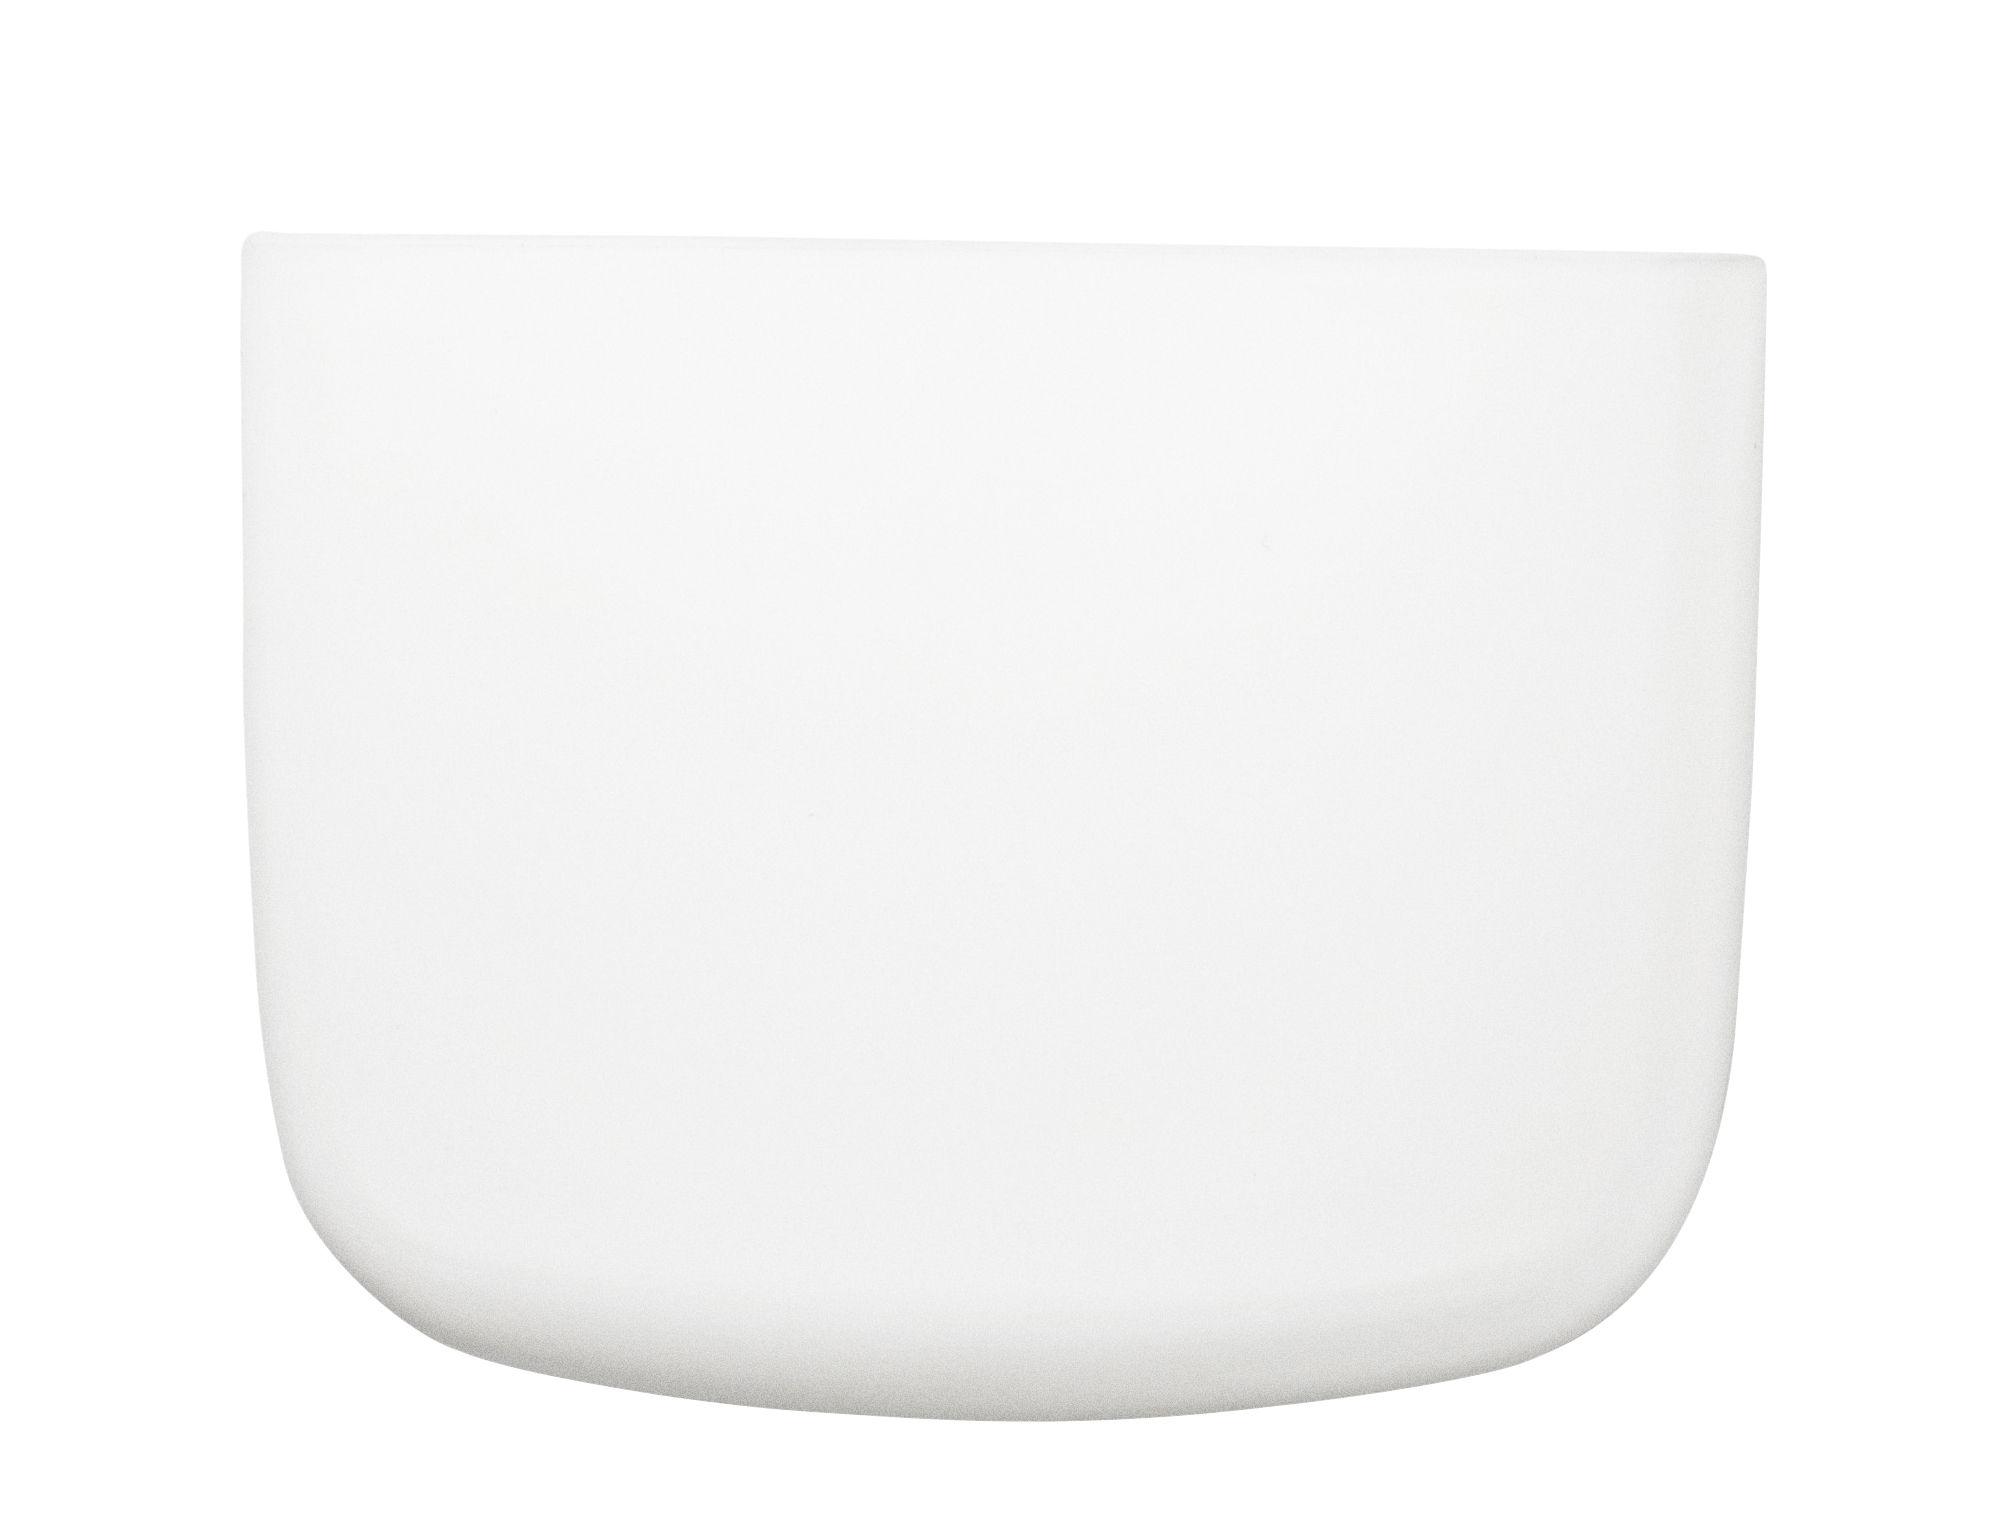 Dekoration - Für Kinder - Pocket 2 Wandablage / L 13 x H 10 cm - Normann Copenhagen - Weiß - Polypropylen